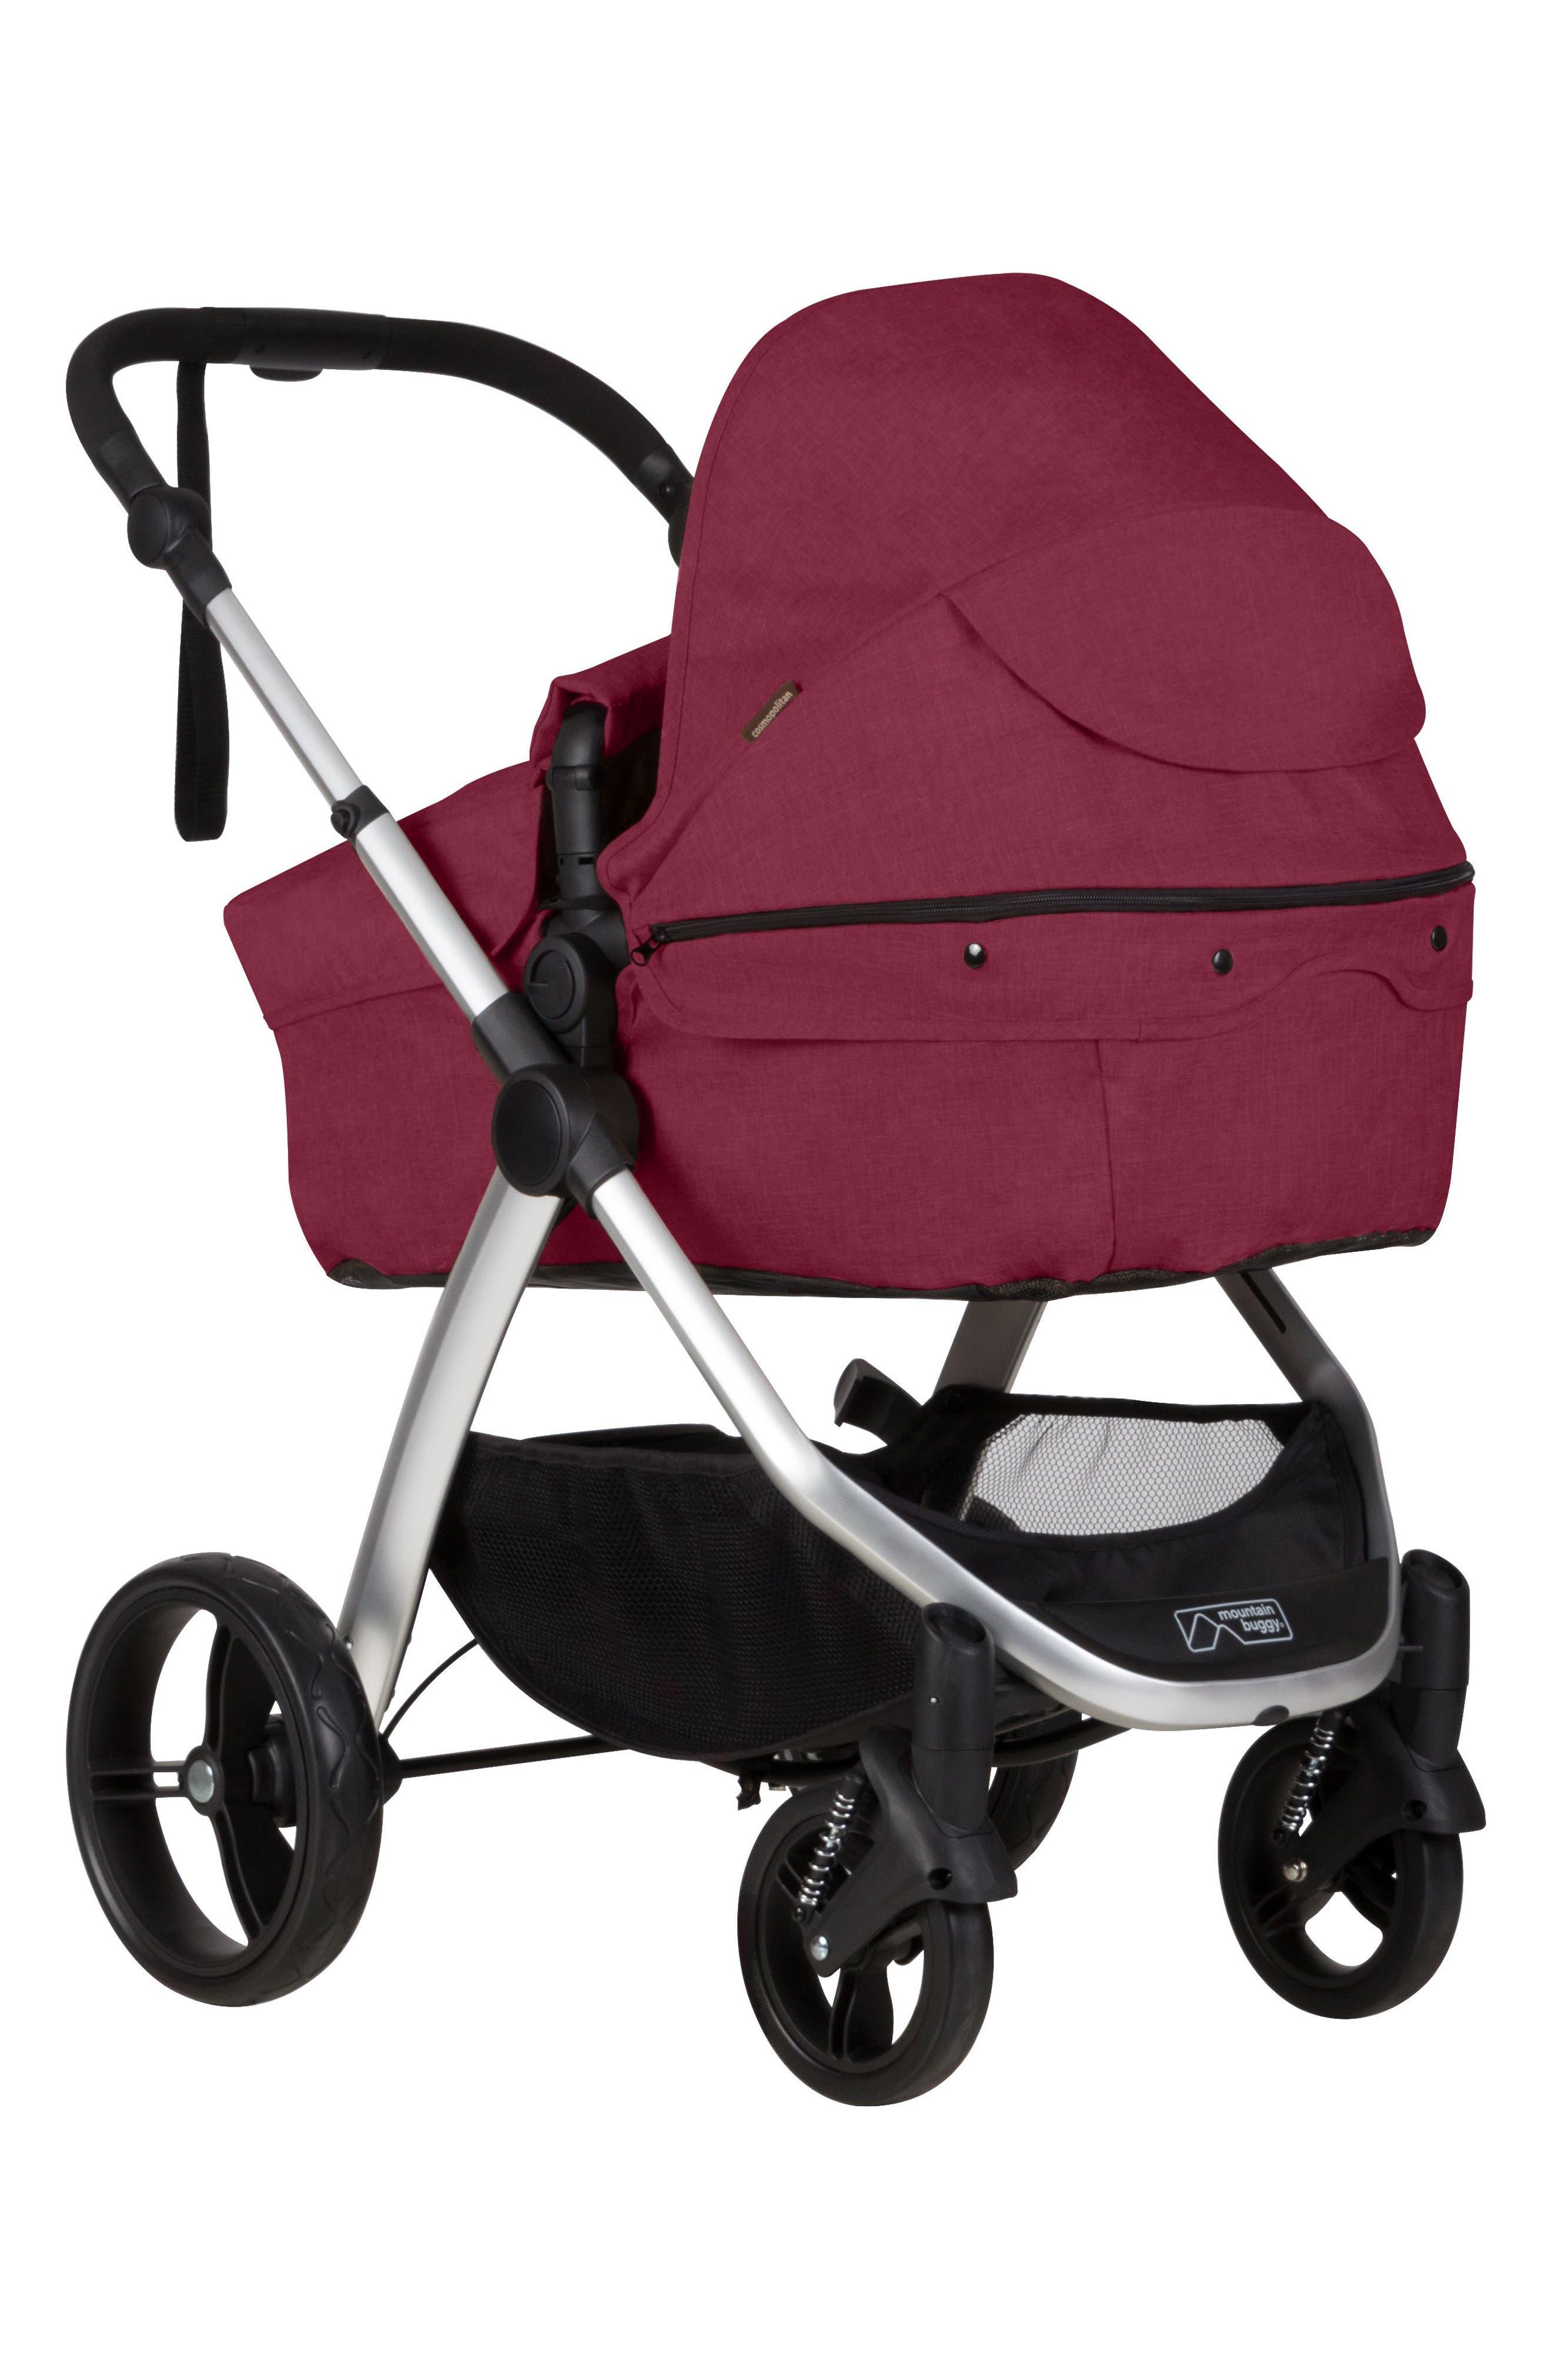 Alternate Image 2  - mountain buggy Cosmopolitan Carrycot for Cosmopolitan Stroller